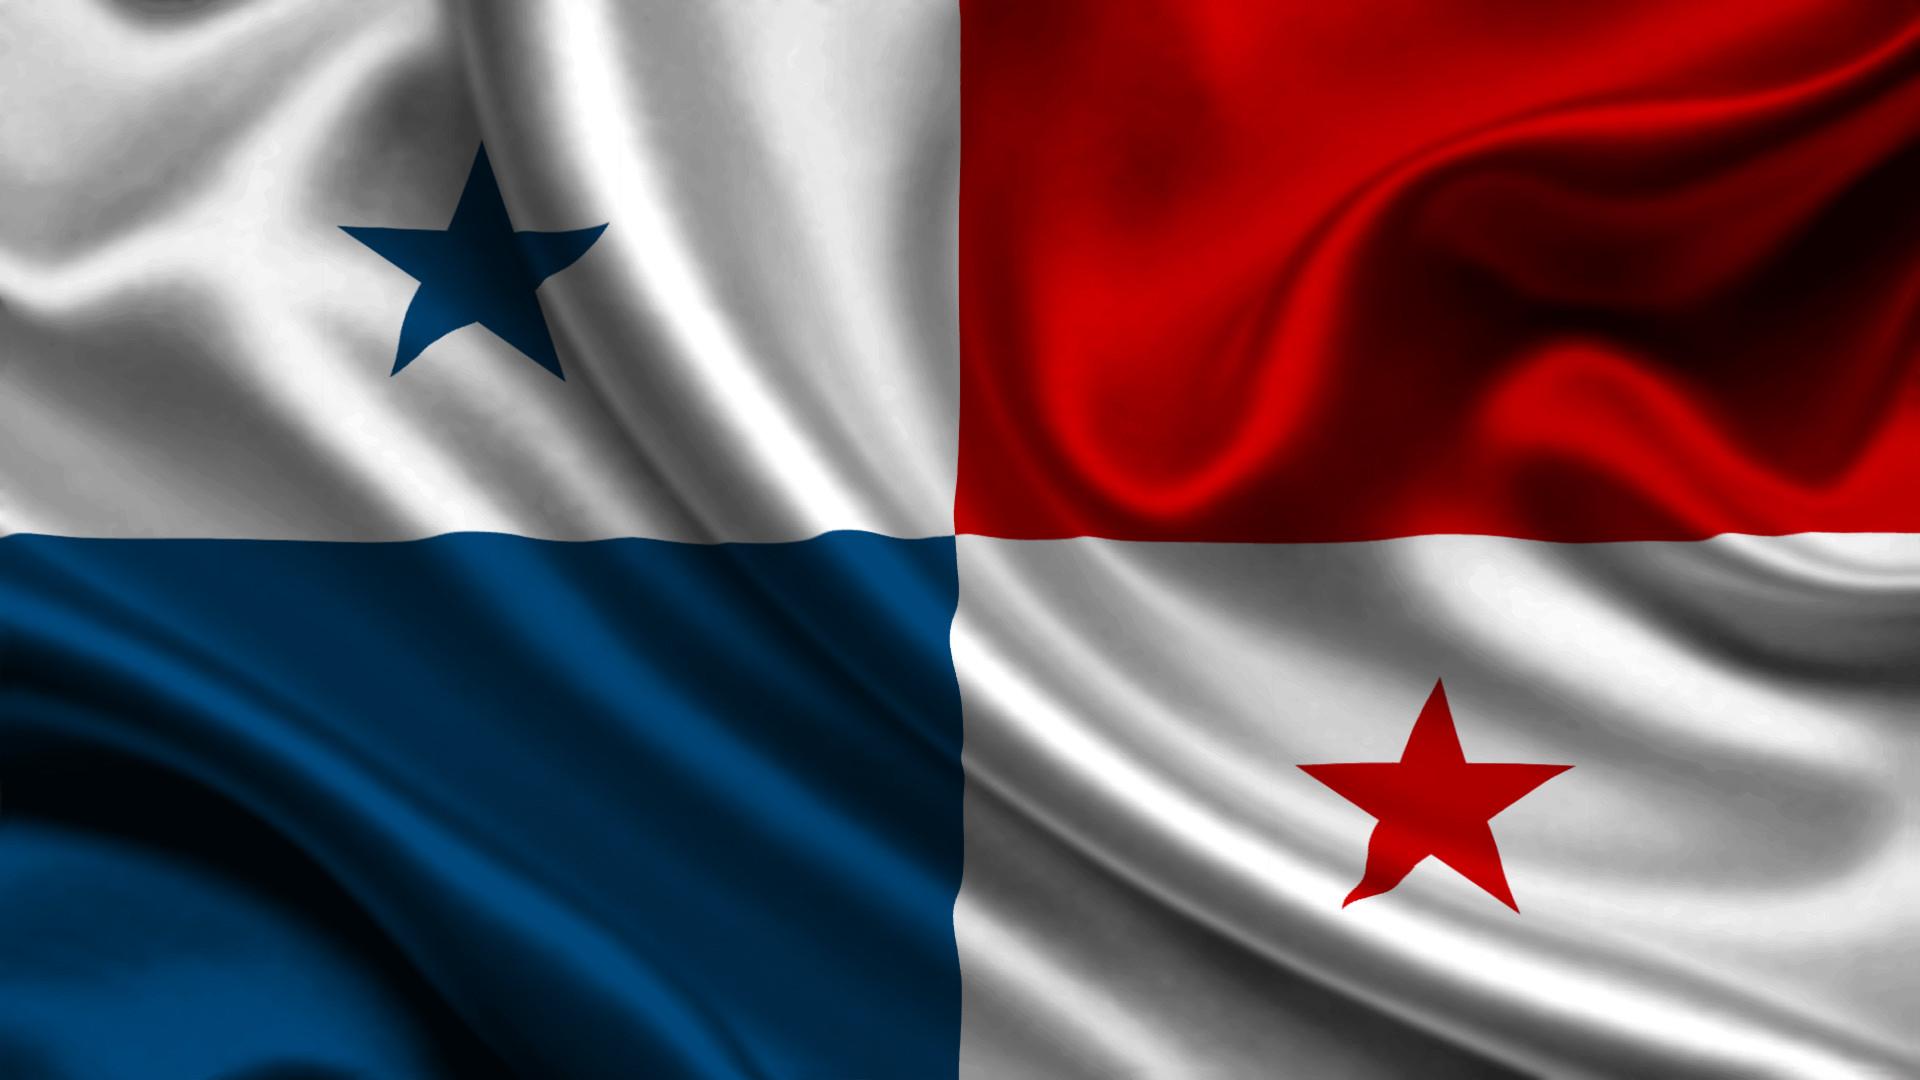 Правительству и индейцам Панамы не удалось прийти к консенсусу